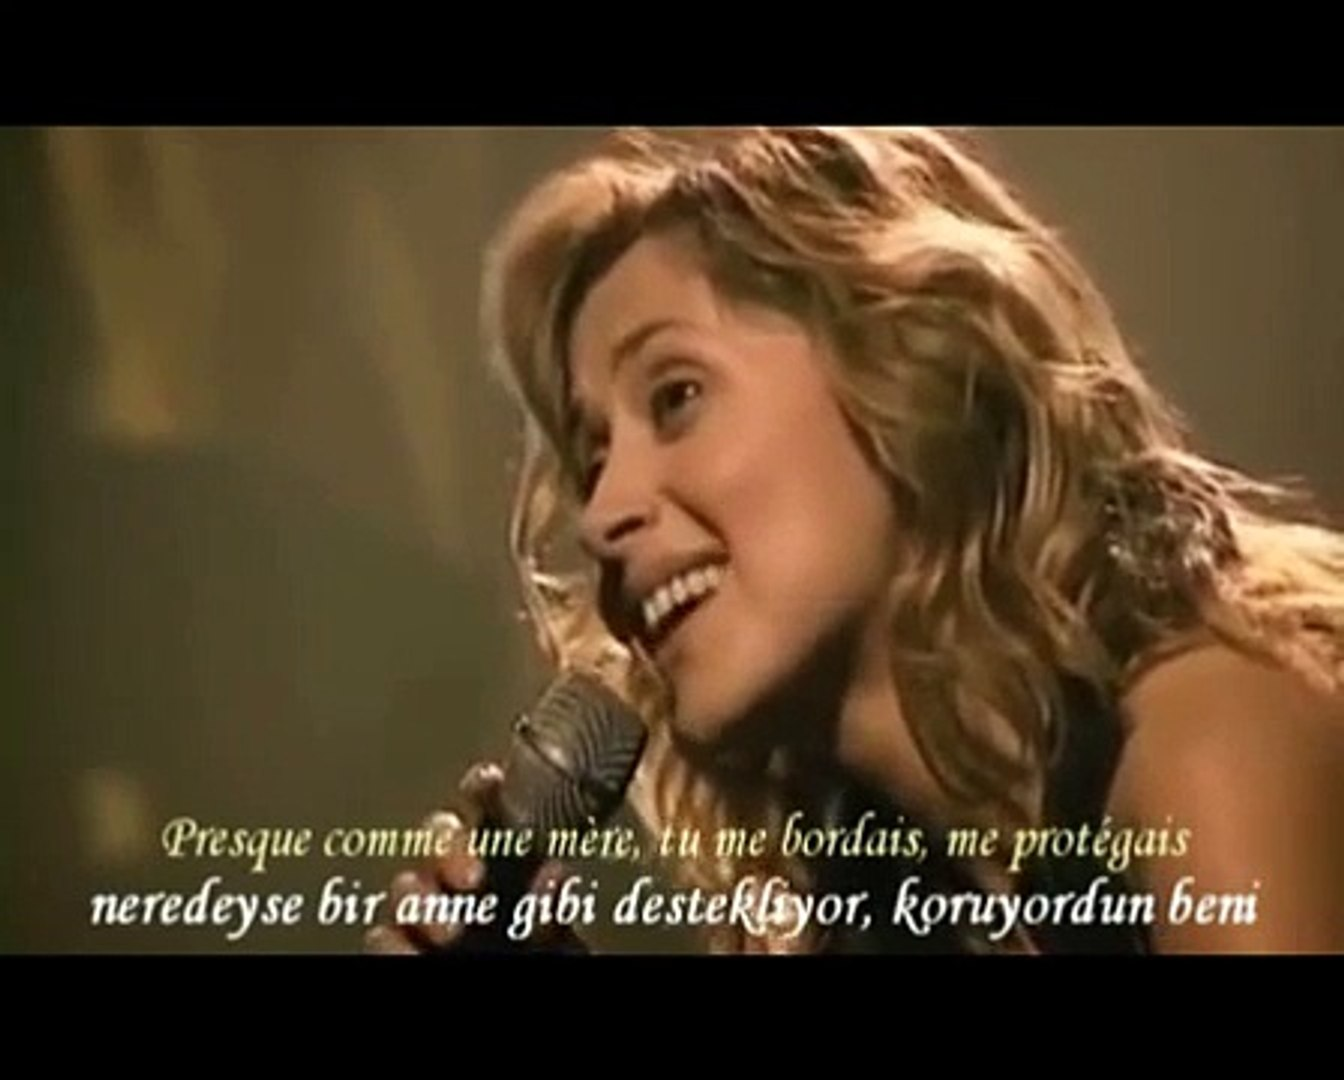 konserde sürpriz-Lara_Fabian-Je t'aime live ( Türkçe altyazı ) dinle